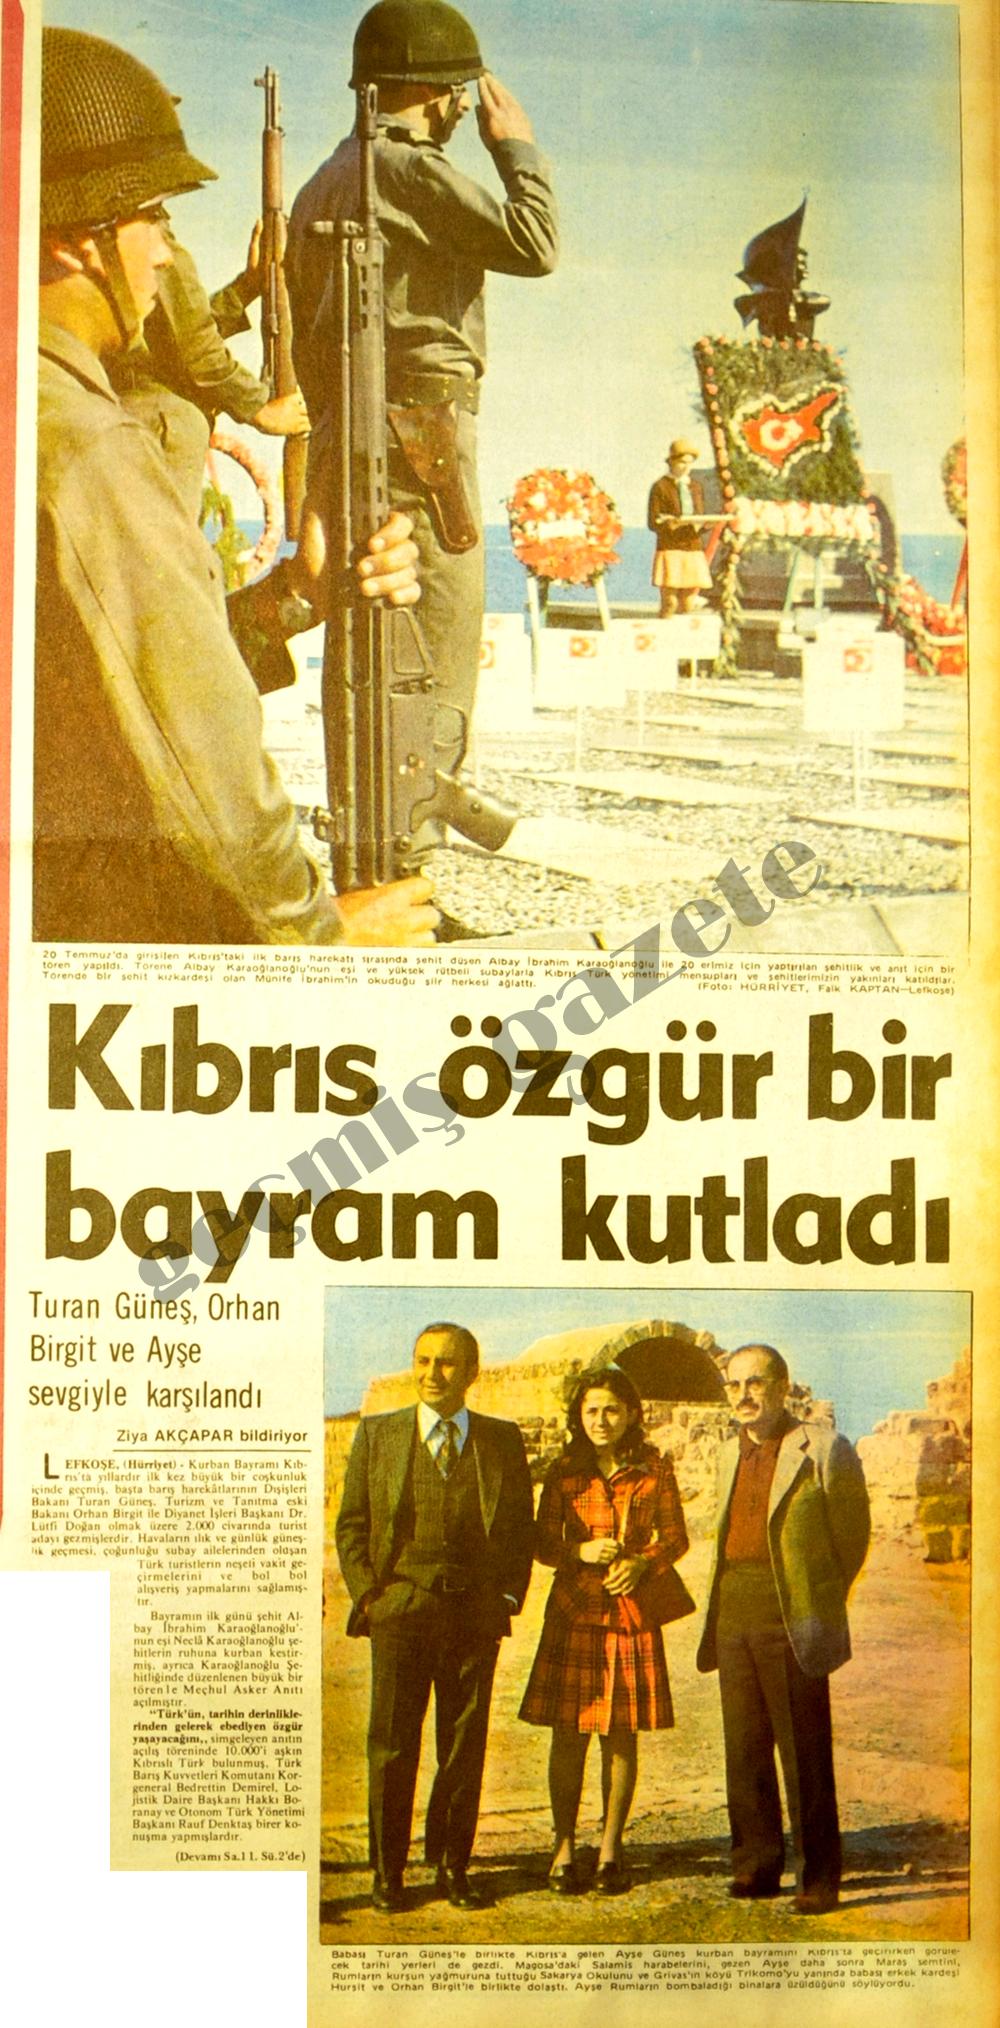 Kıbrıs özgür bir bayram kutladı